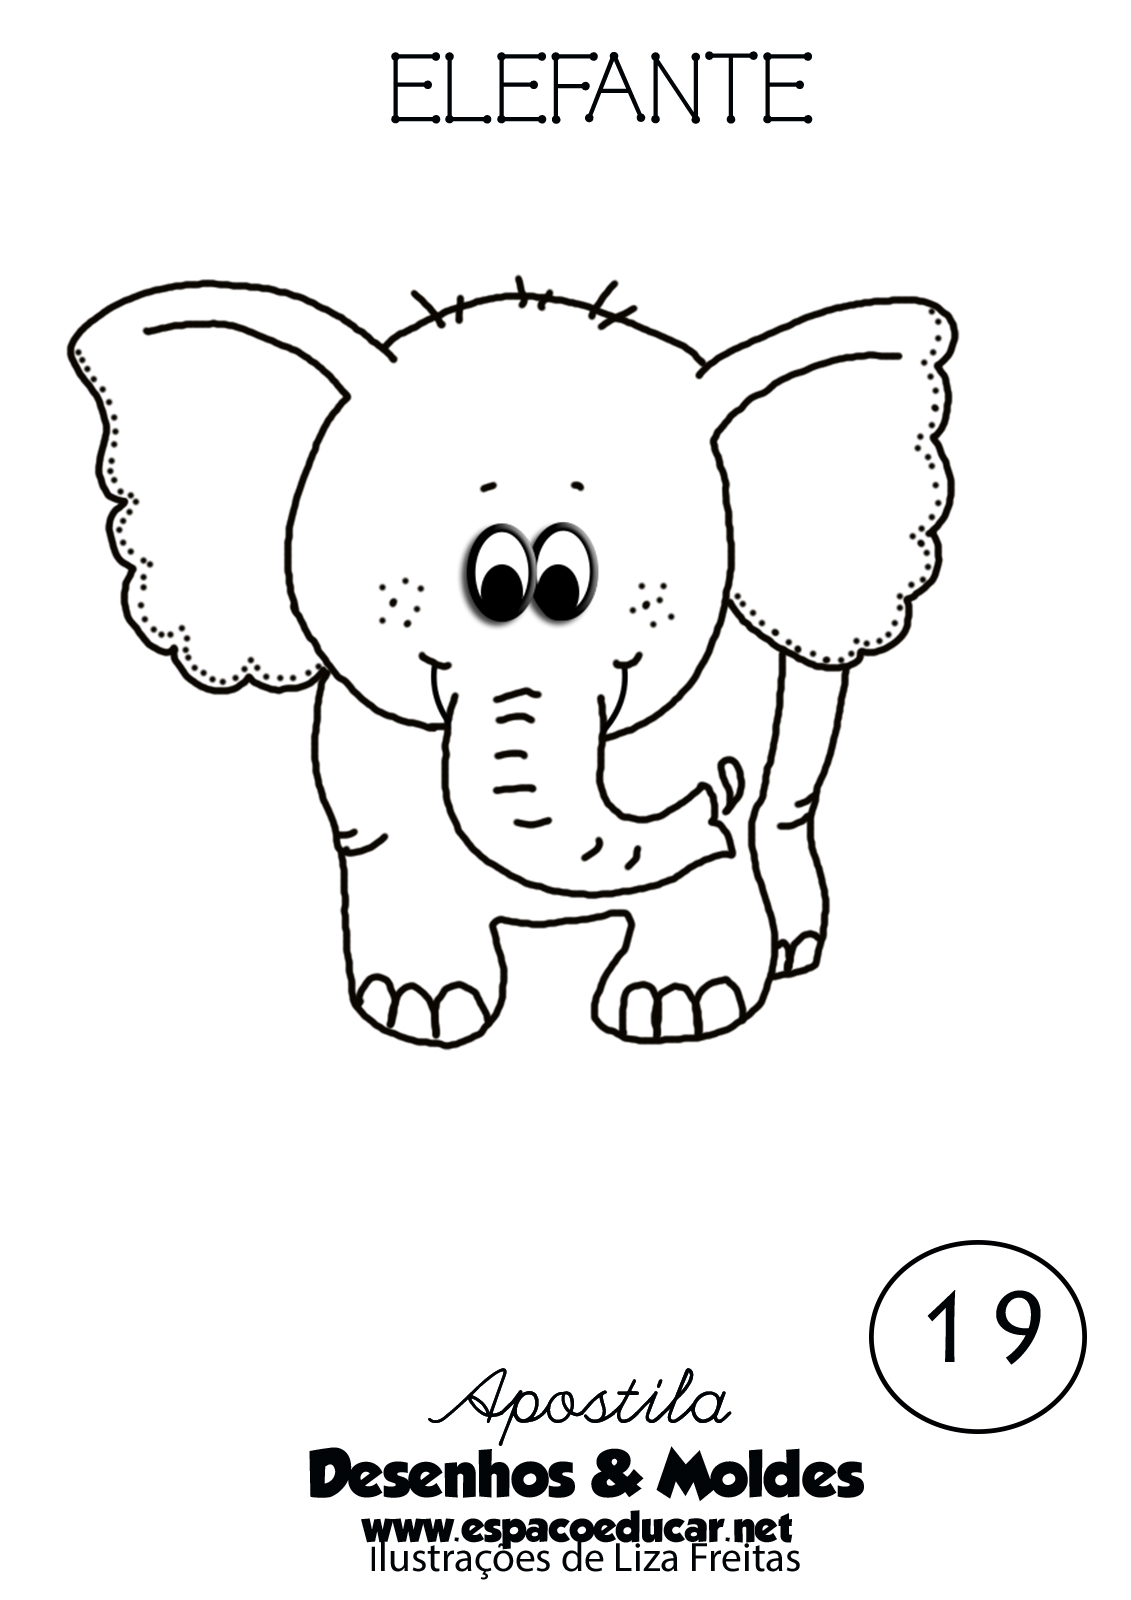 Desenho De Elefante Fofo E Lindo Para Colorir Pintar Imprimir